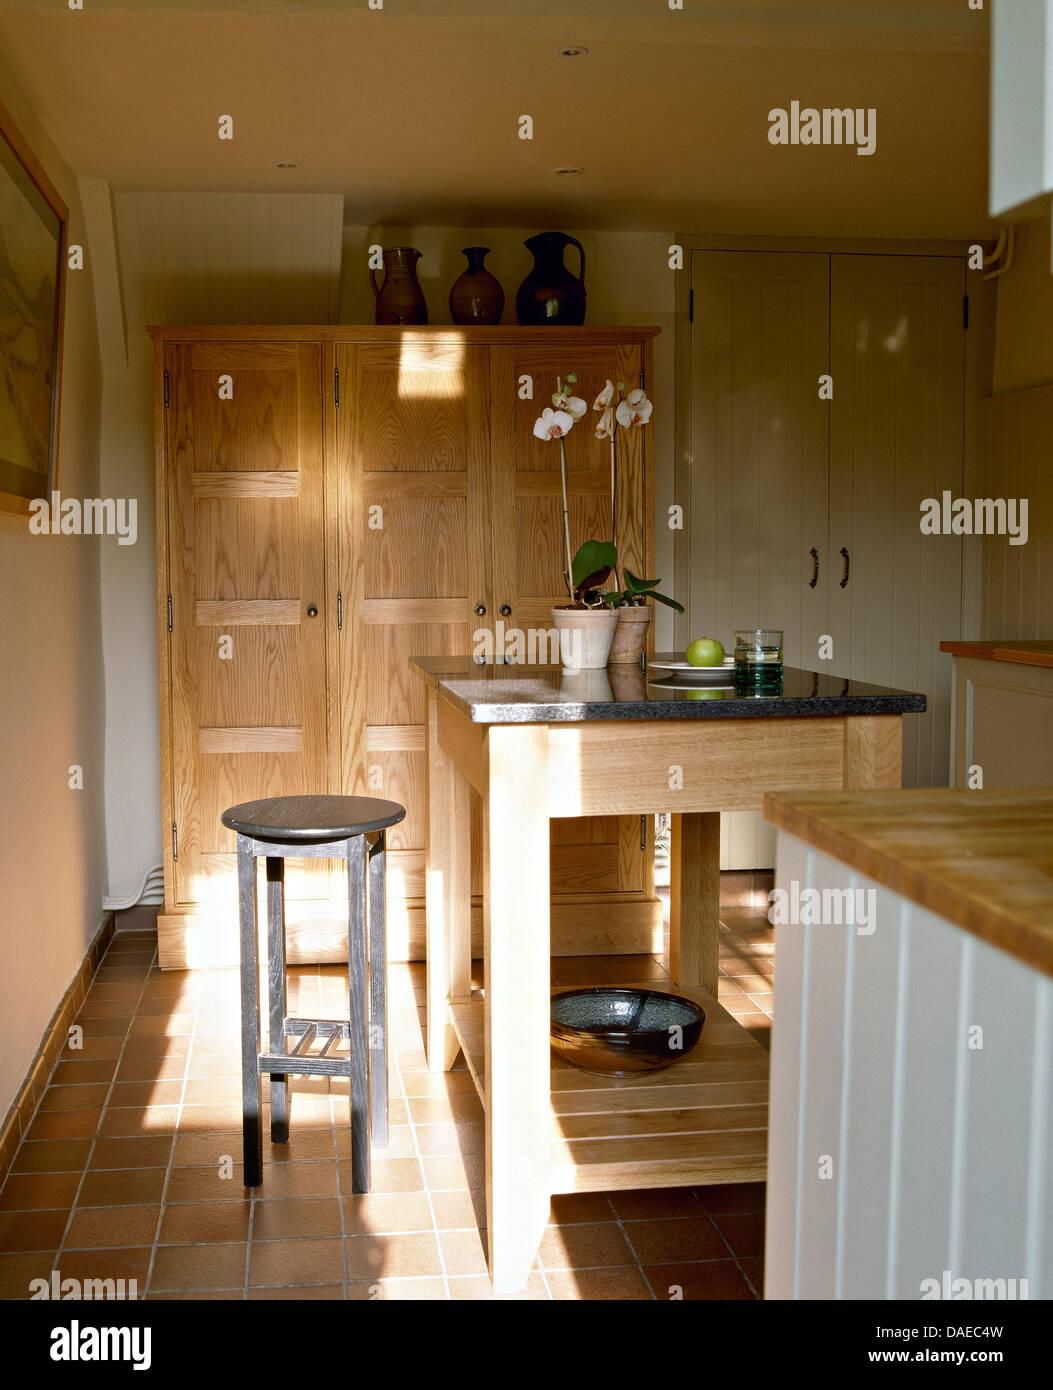 Ziemlich Weißen Küchenschränke Shaker Stil Bilder - Ideen Für Die ...